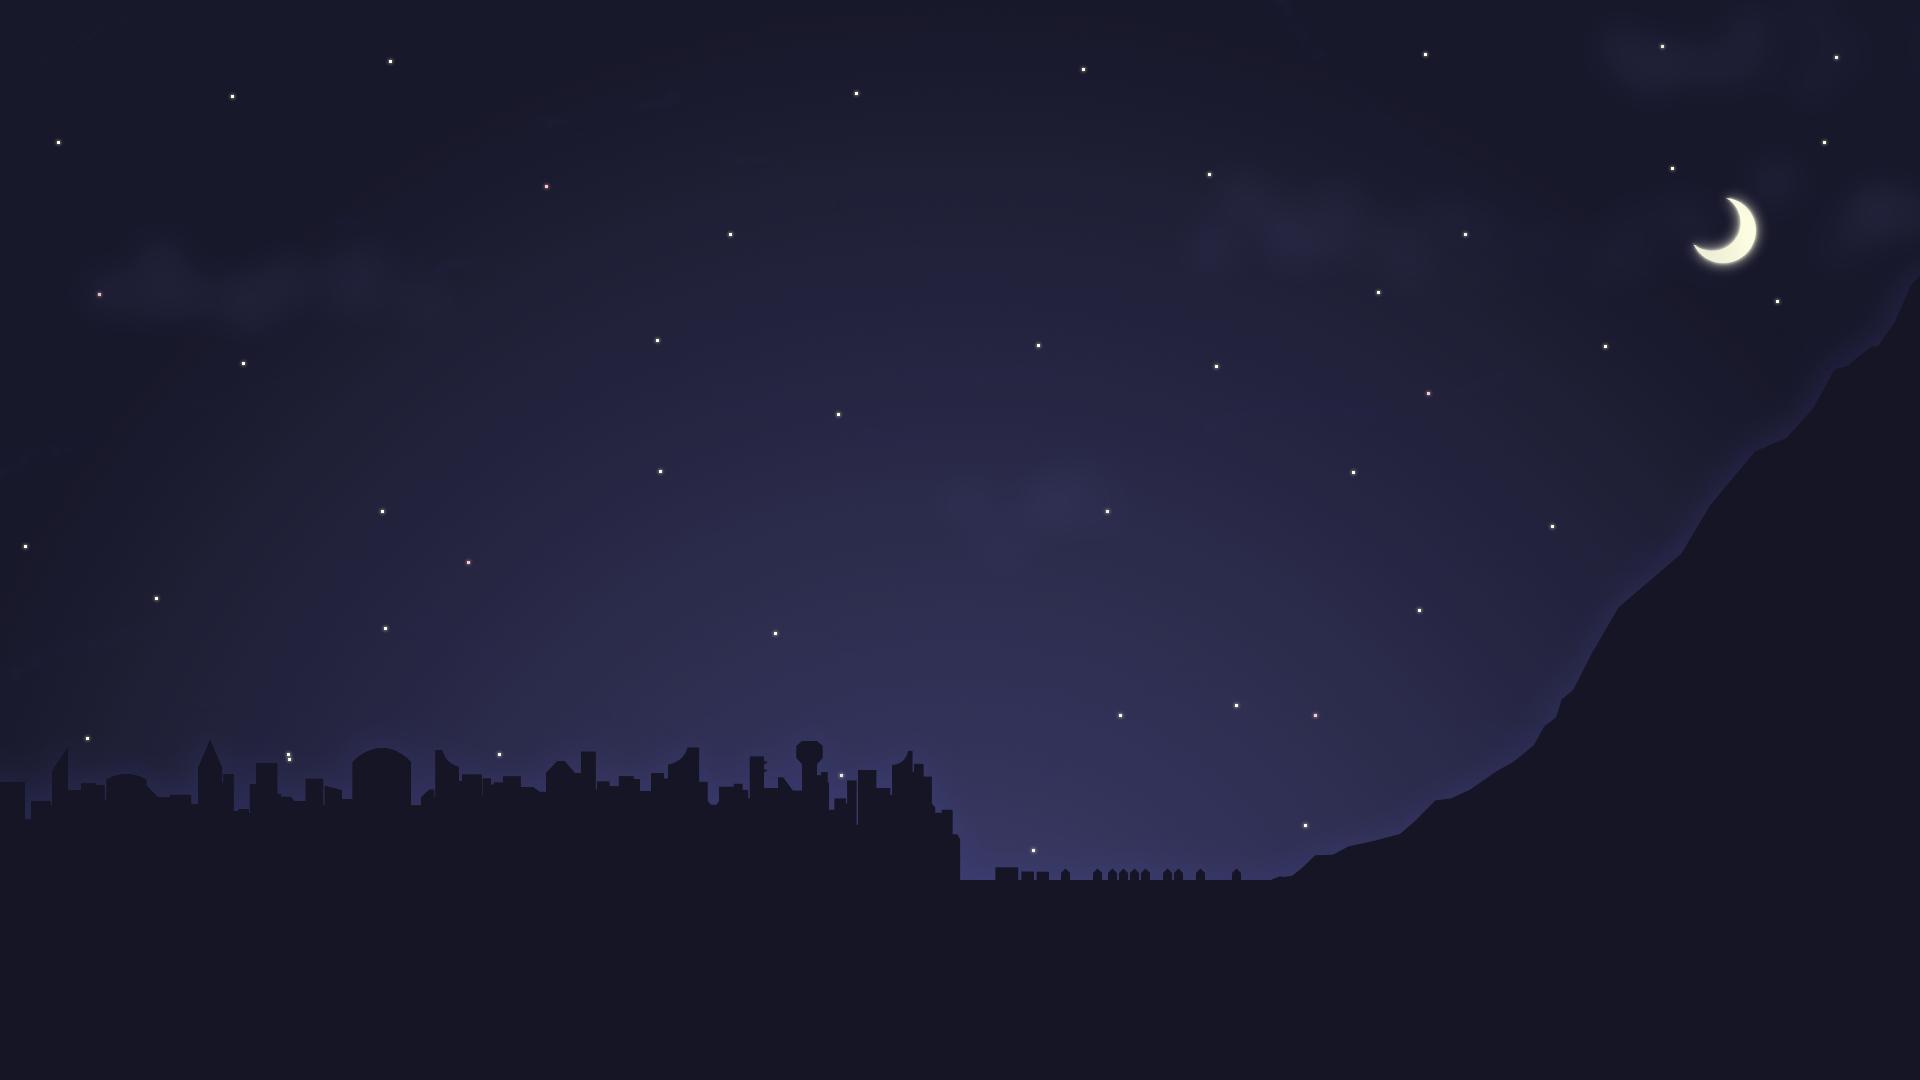 night sky wallpaper by dji435 customization wallpaper minimalistic 1920x1080